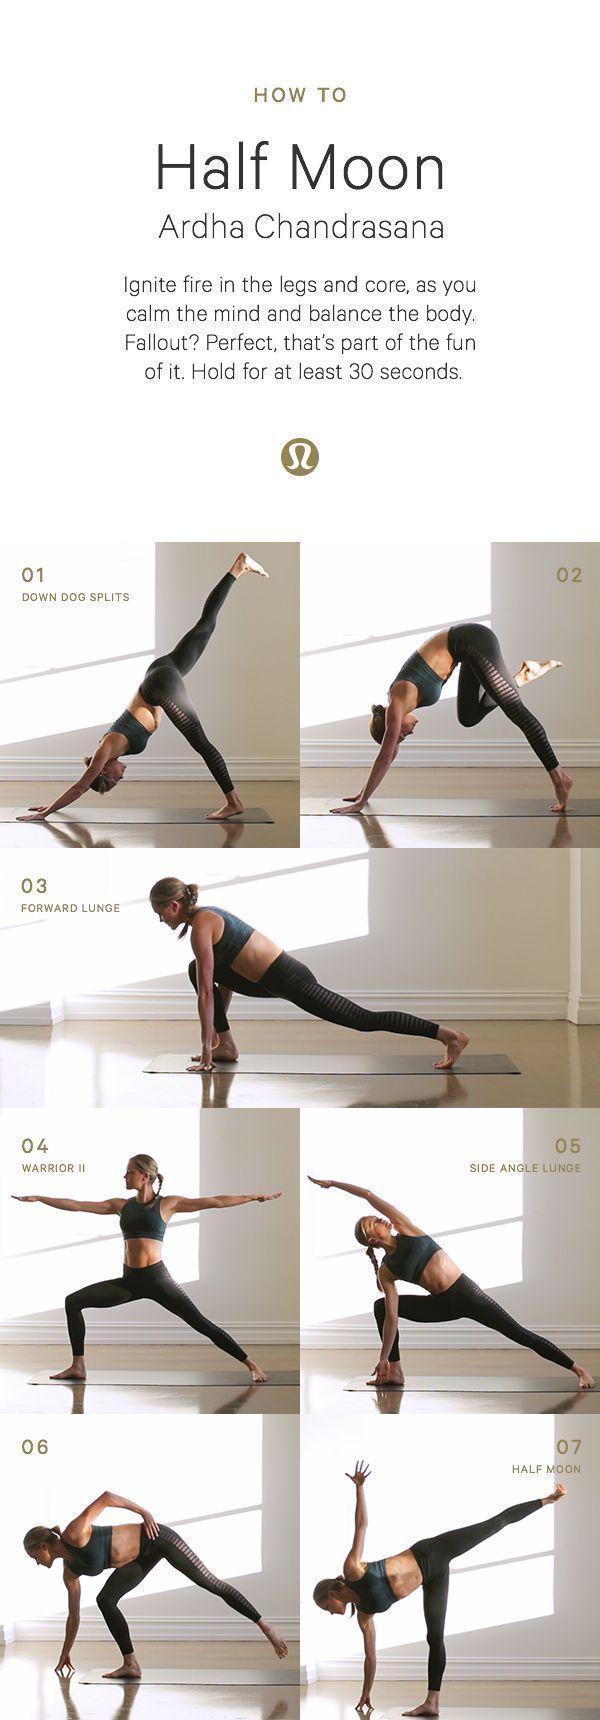 Half moon yoga set #yogaset